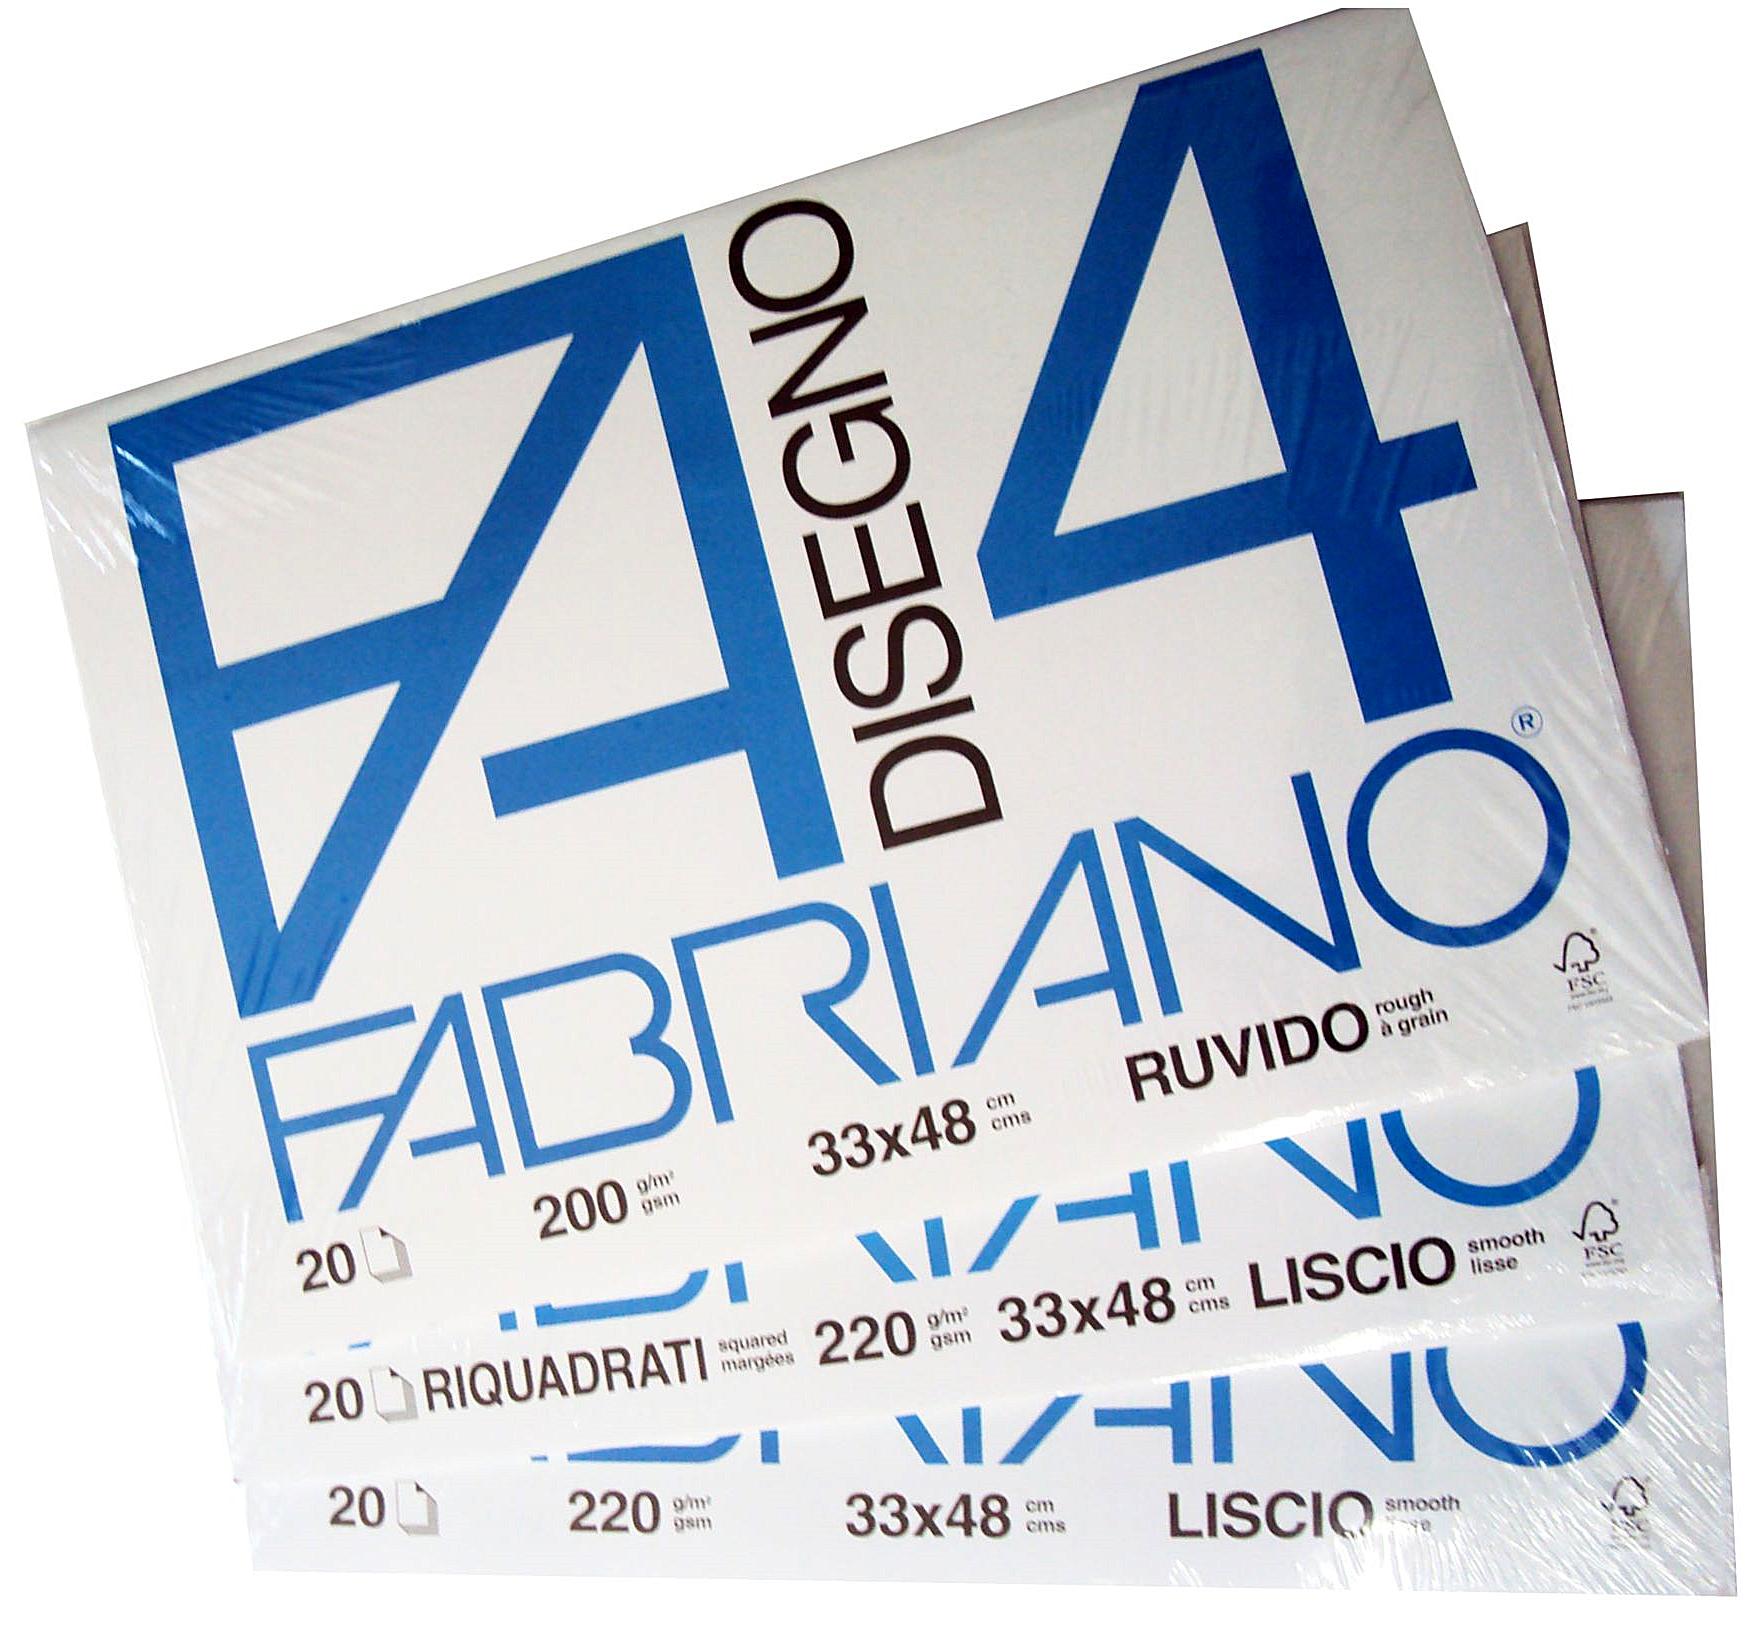 blocco-fabriano-f4-33x48